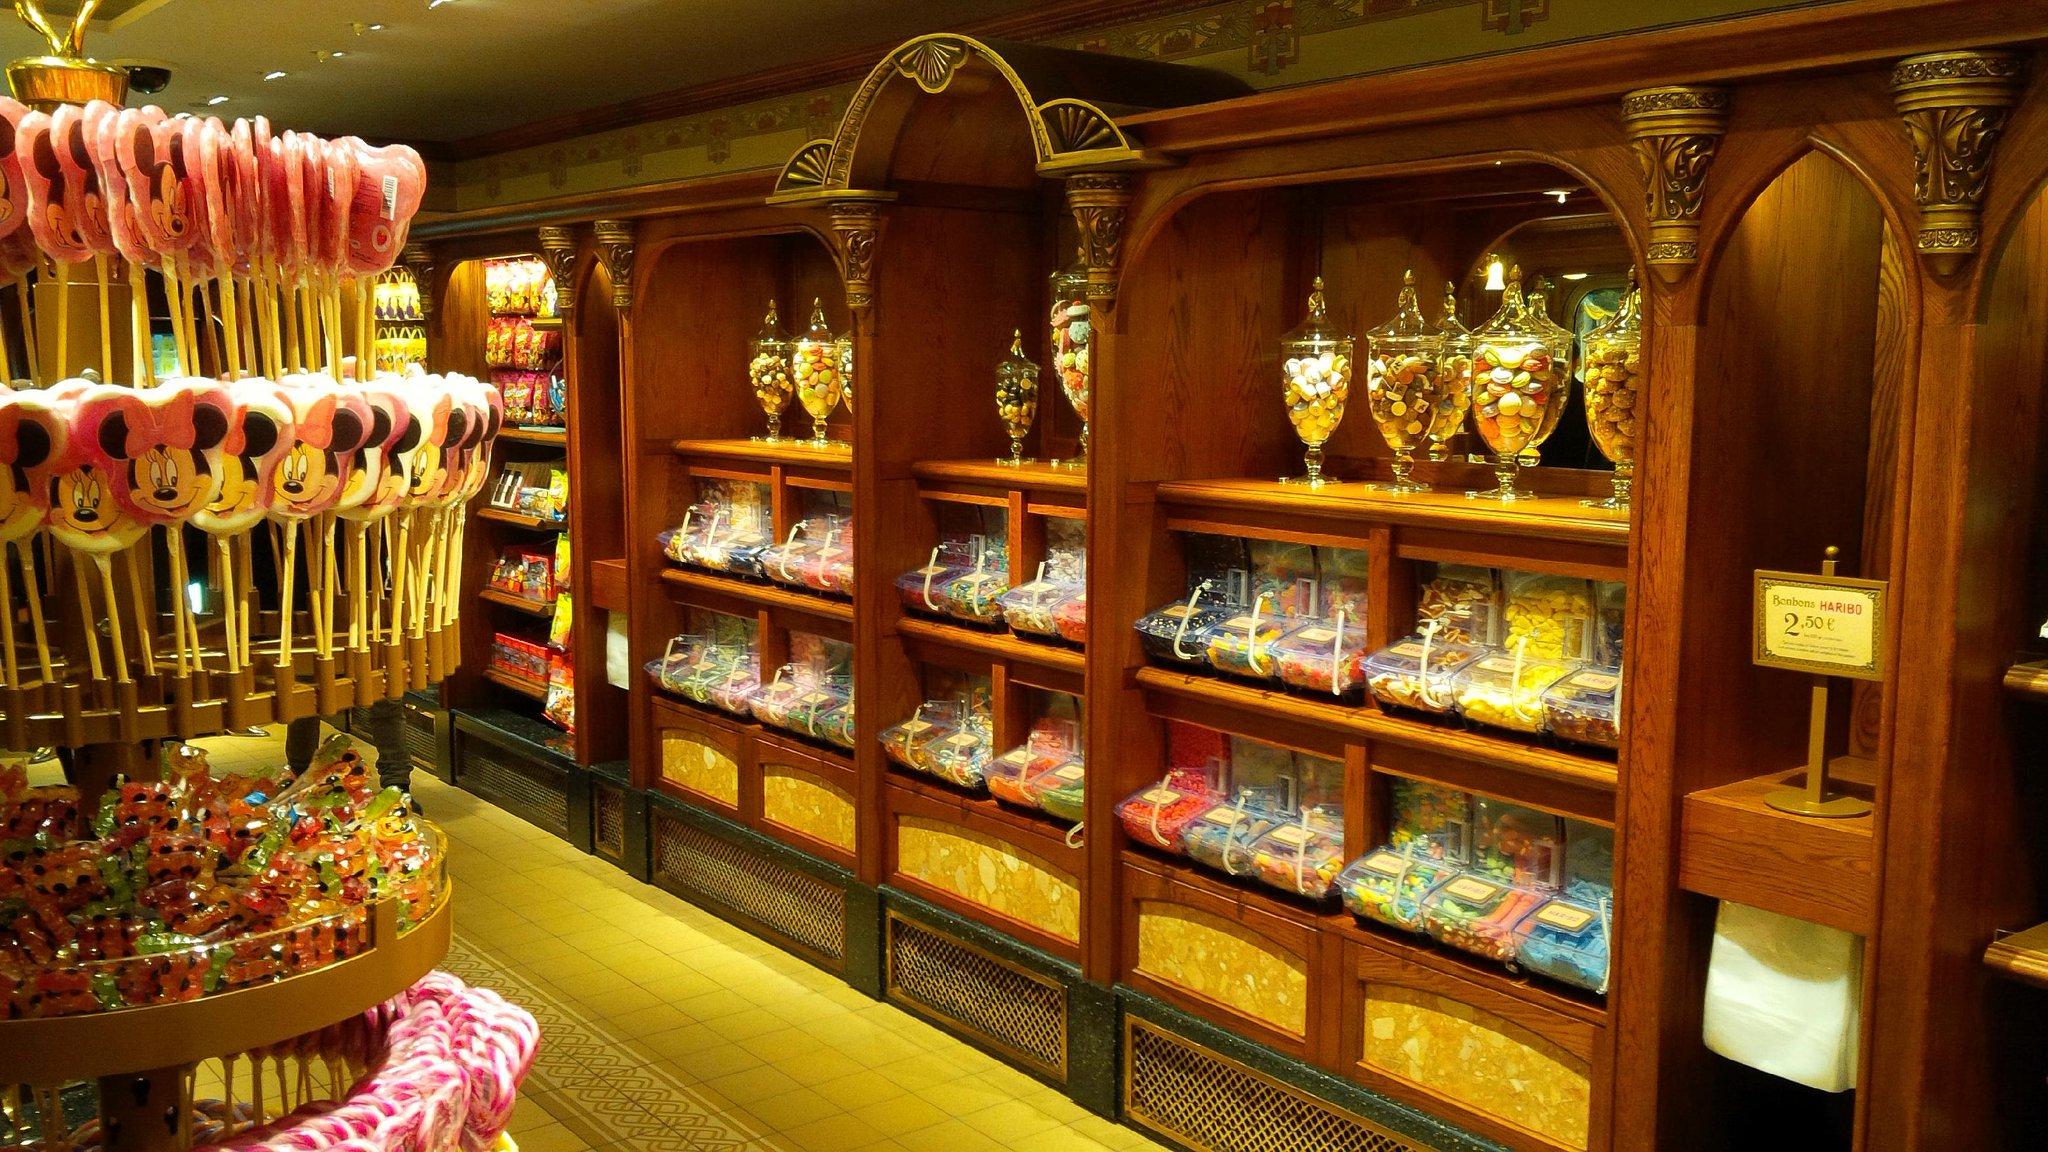 [Nouvelle Boutique - Toon Studio] Chez Marianne Souvenirs de Paris (28 novembre 2014) - Page 8 B3SSuTQIMAAsVPC